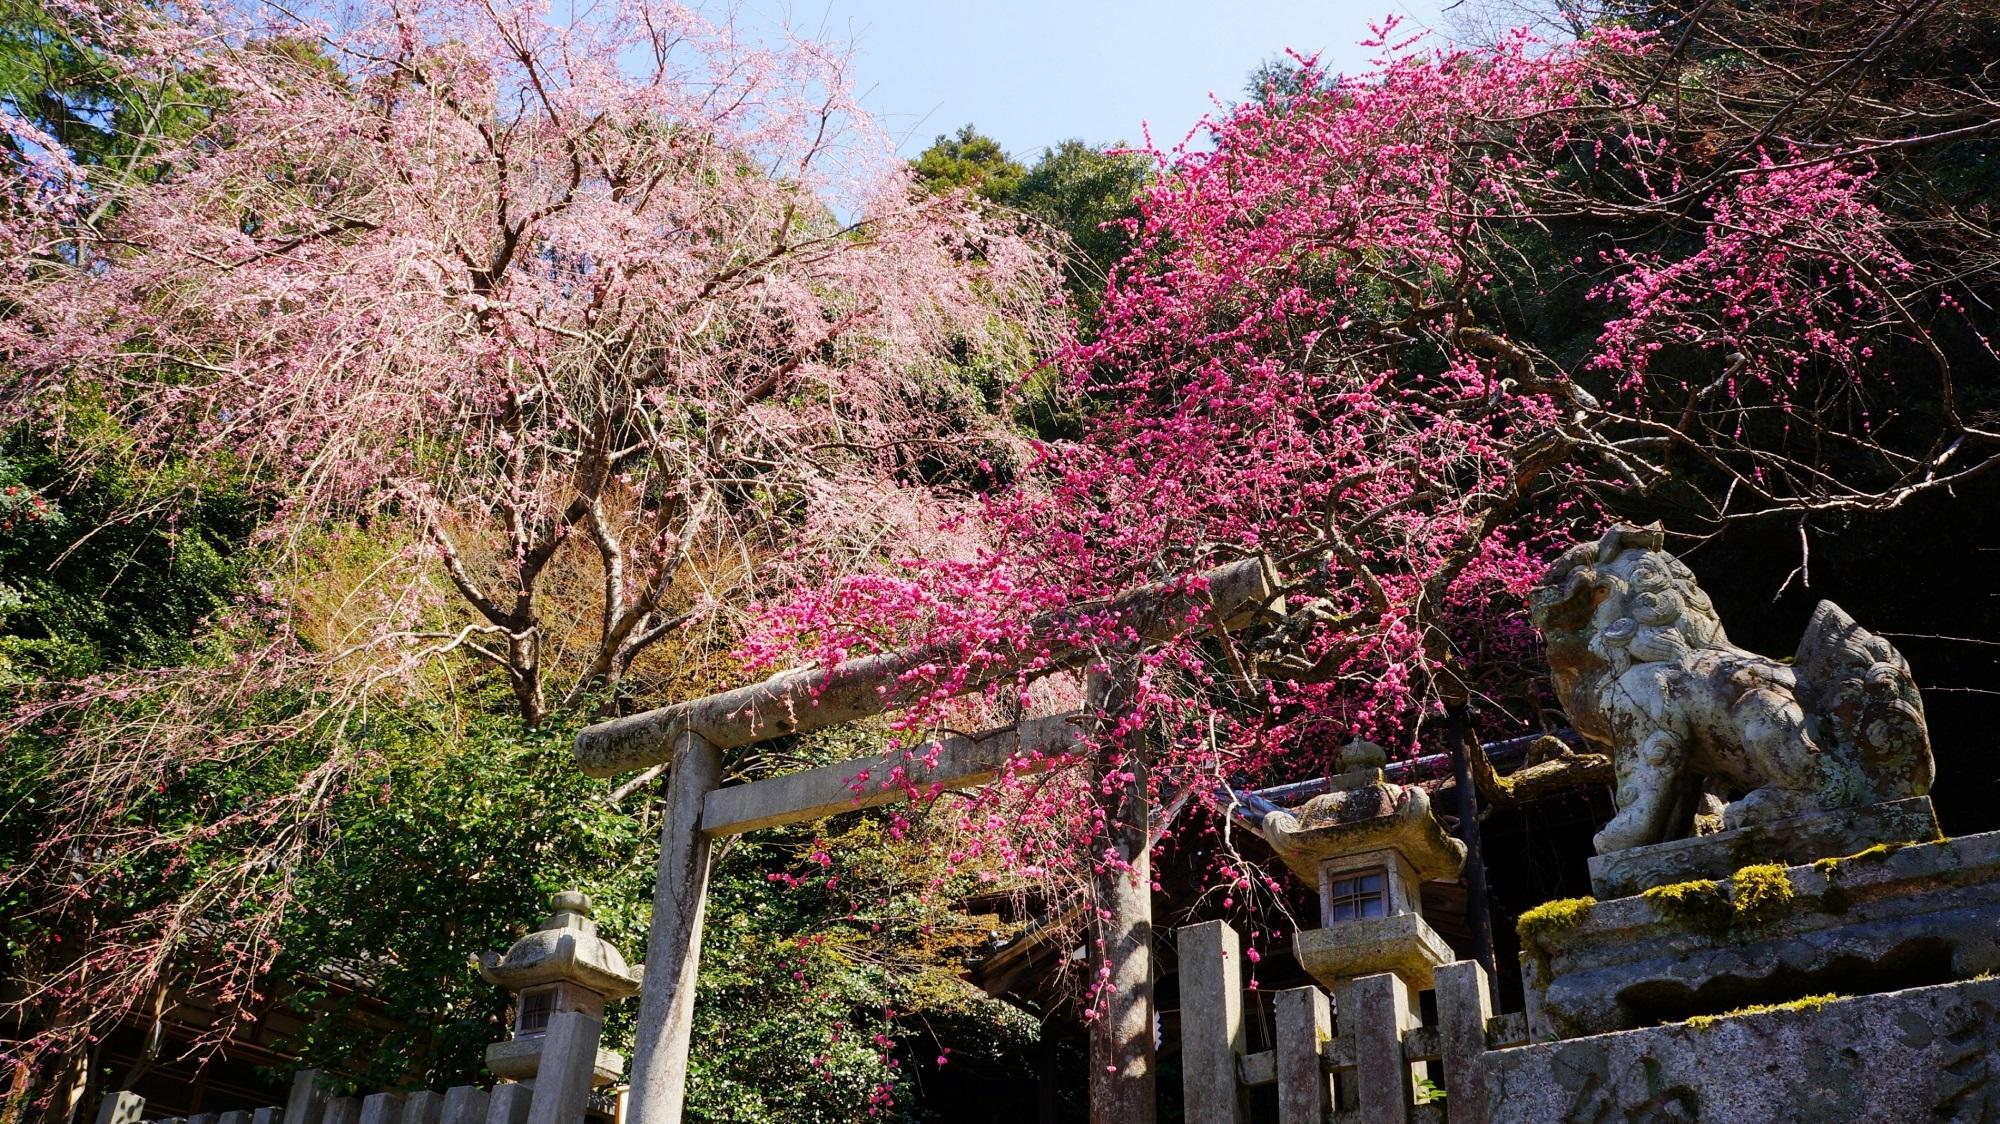 大豊神社 しだれ梅 ねずみの神社と春の彩り